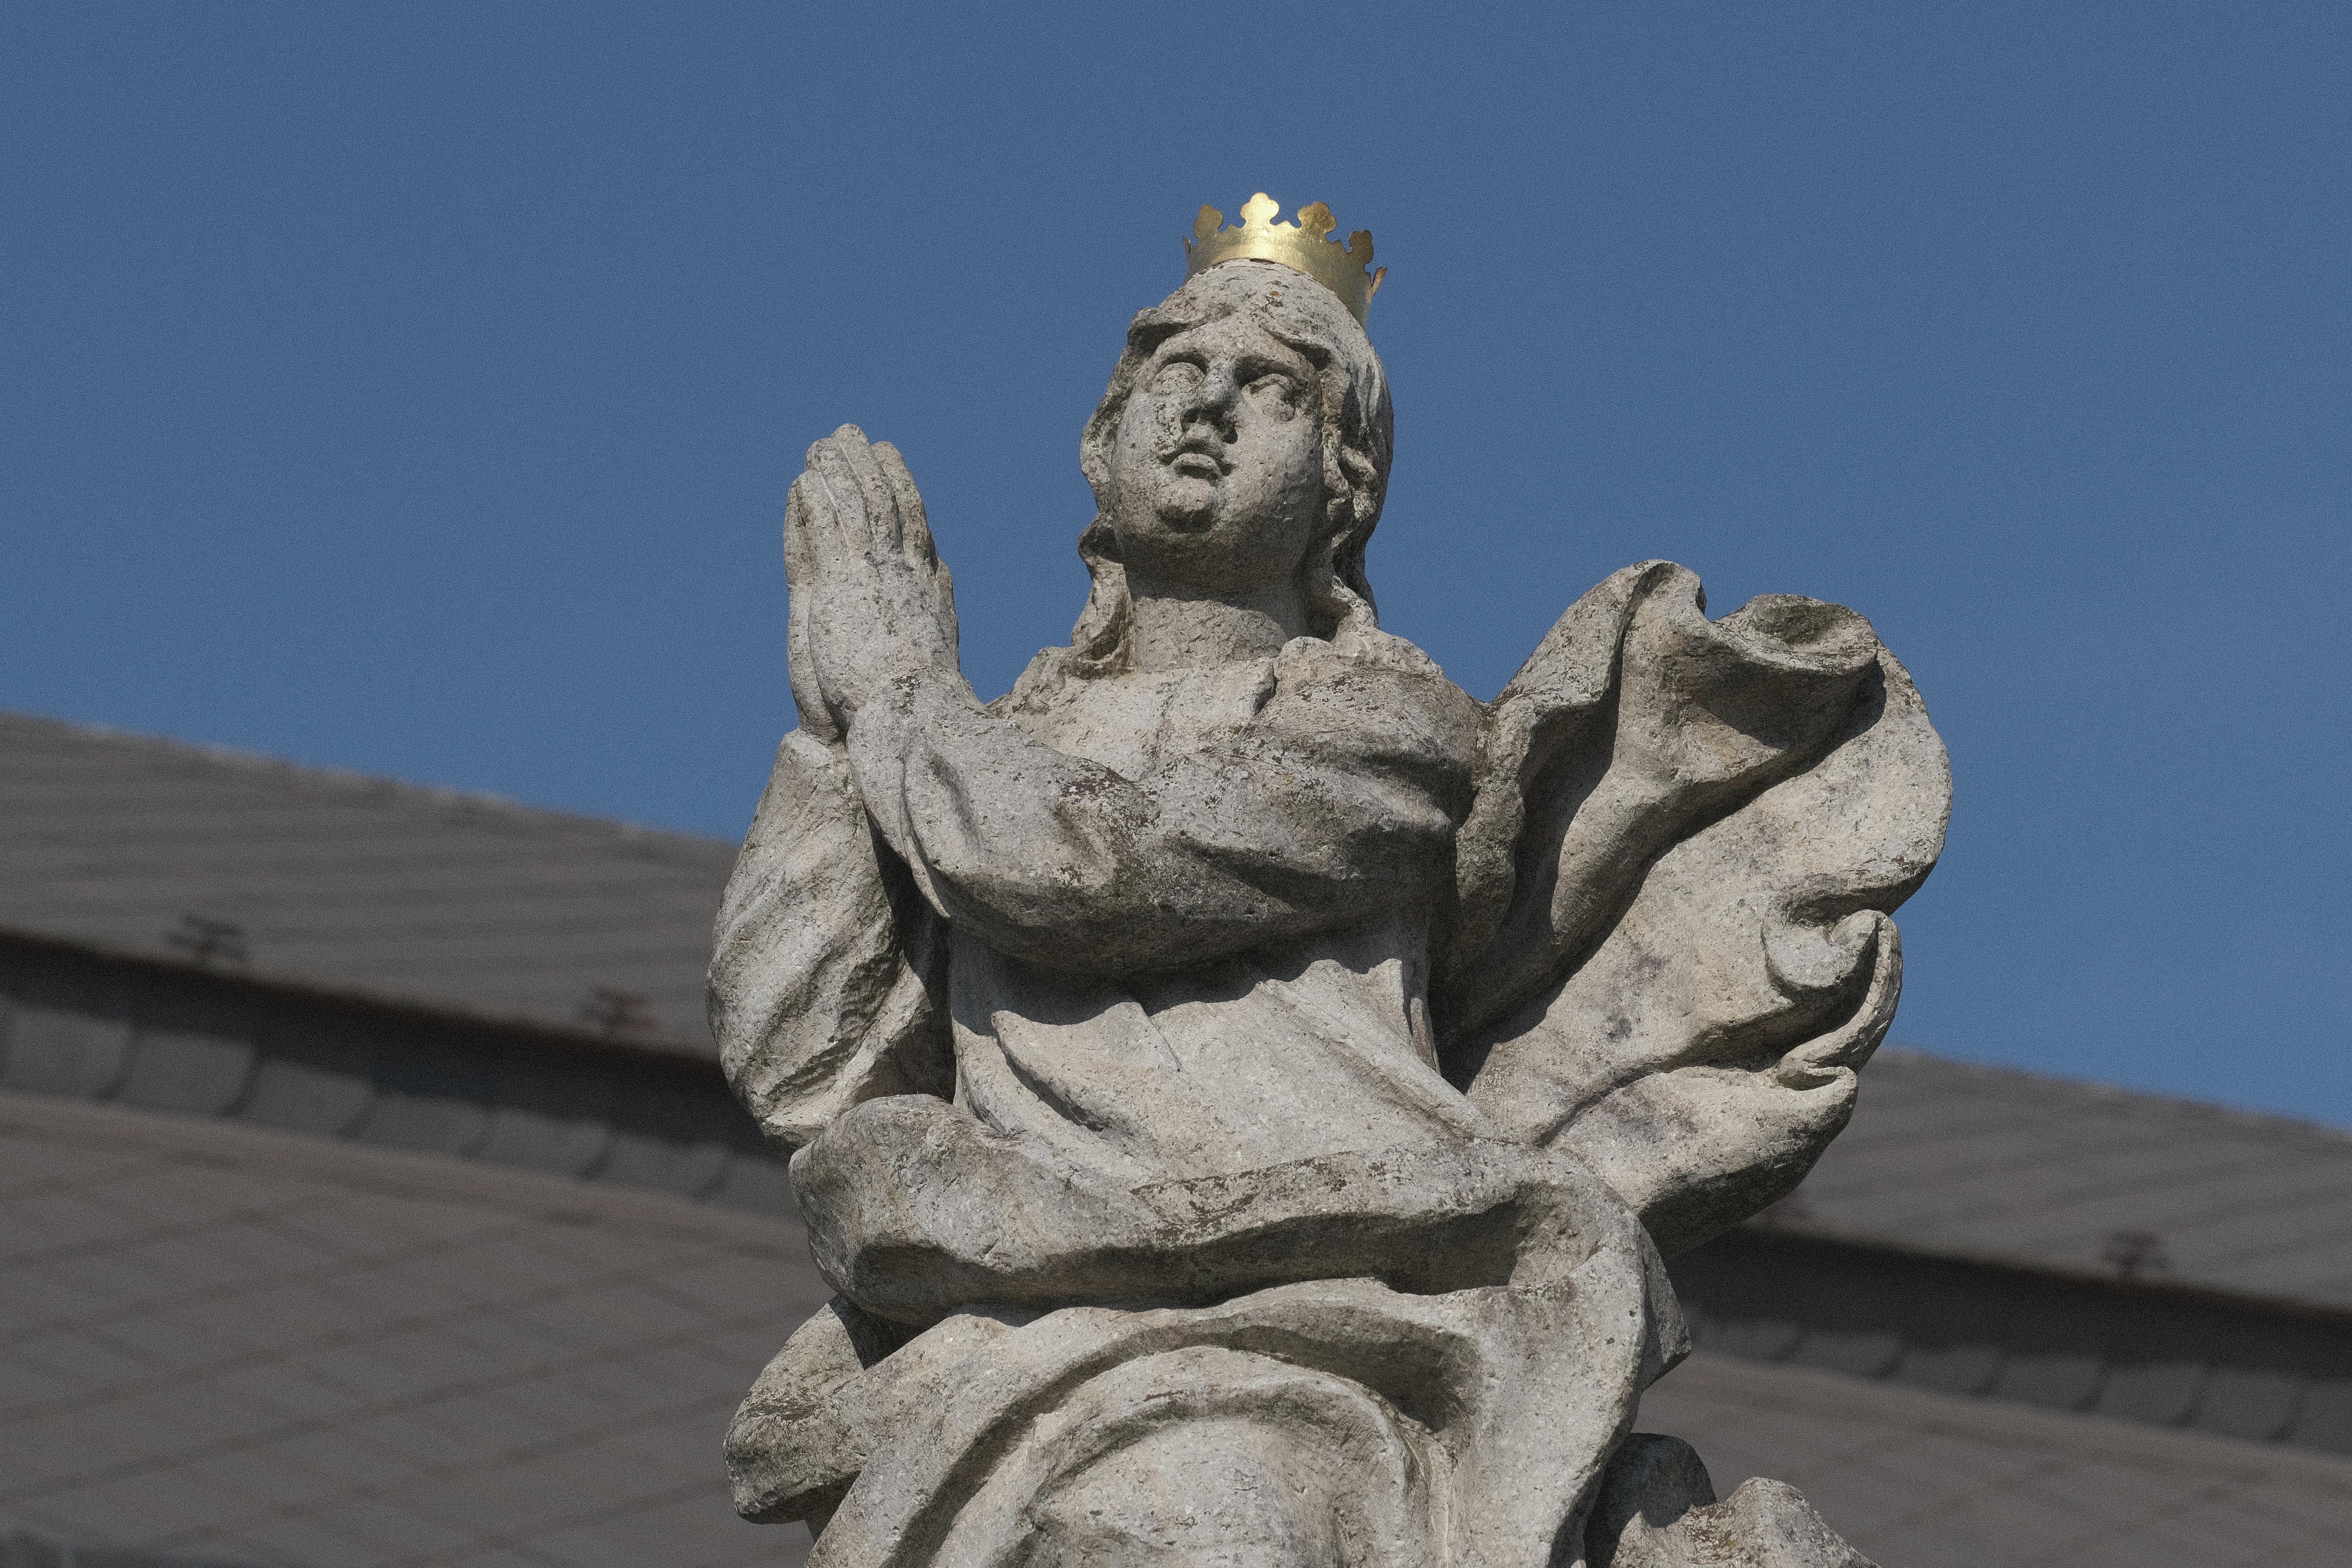 Panna Marie Immaculata, neznámý autor, datováno chronogramem v nápisu na podstavci do roku 1716. Slohově opět podobná socha jako obě předchozí, objednaná dle nápisu v souvislosti s druhou velkou morovou vlnou boskovickým feudálním správcem Johannem Františkem Rottleithnerem. Originál je průjezdu radnice, na místě je kopie. Na hlavě Dívky je dnes korunka, na starých pohlednicích jsou však patrné původní zlacené paprsky s hvězdami.